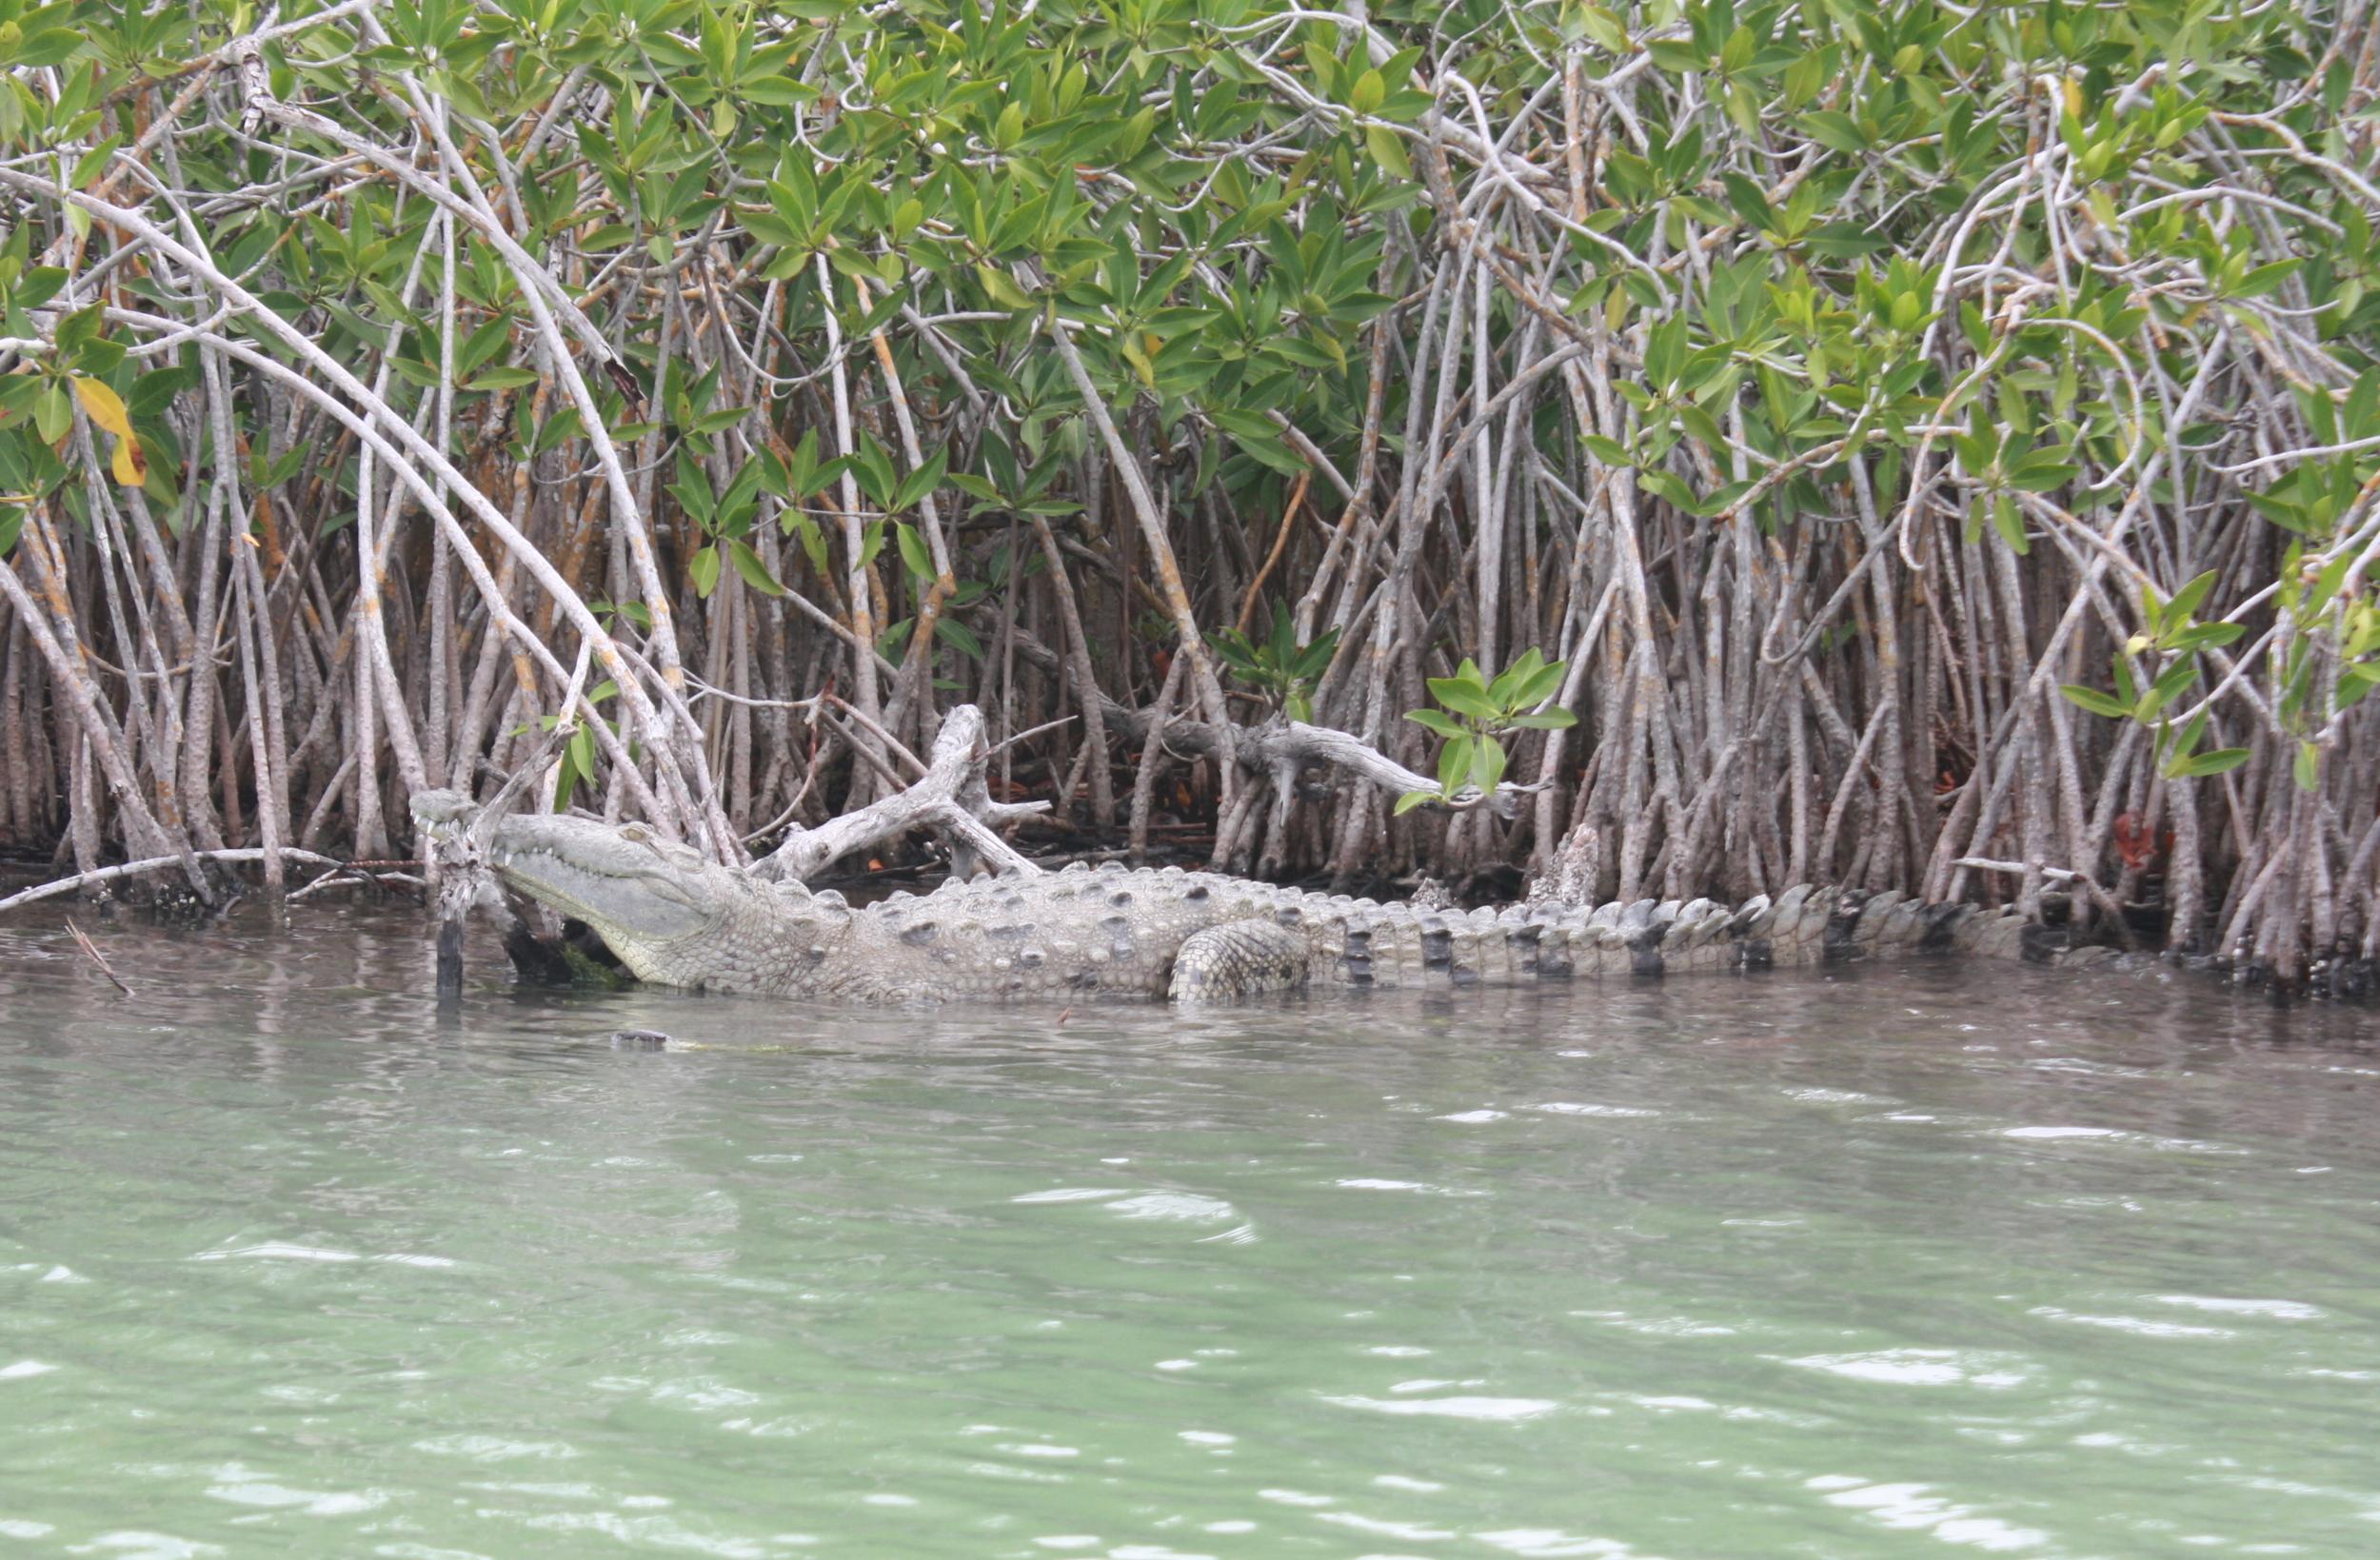 crocodile sun bathing